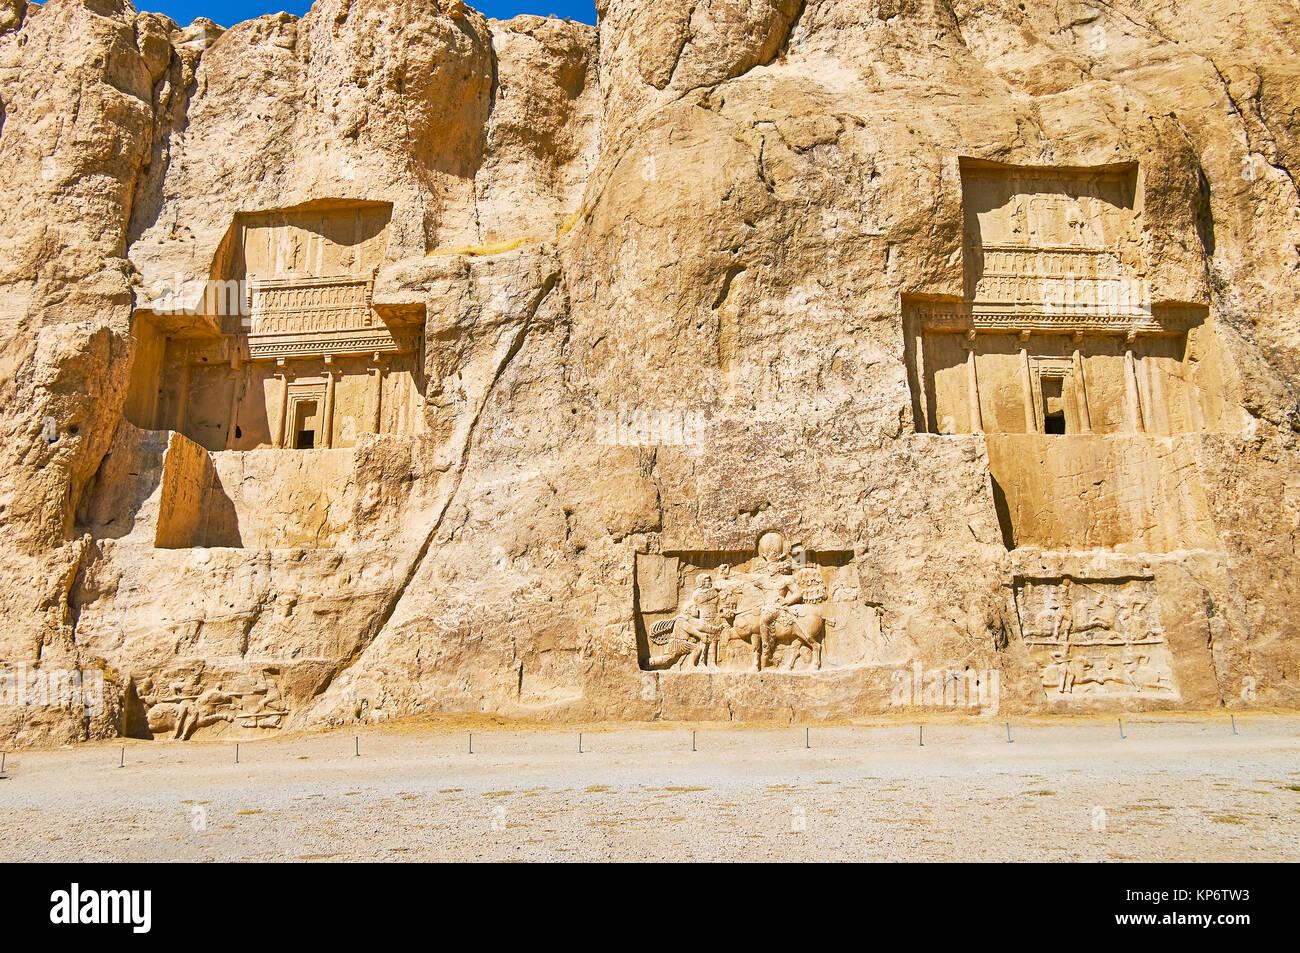 El gigante de las tumbas de Naqsh-e Rustam sitio arqueológico son vecinos ecuestre con relieves, esculpidos en acantilado Foto de stock